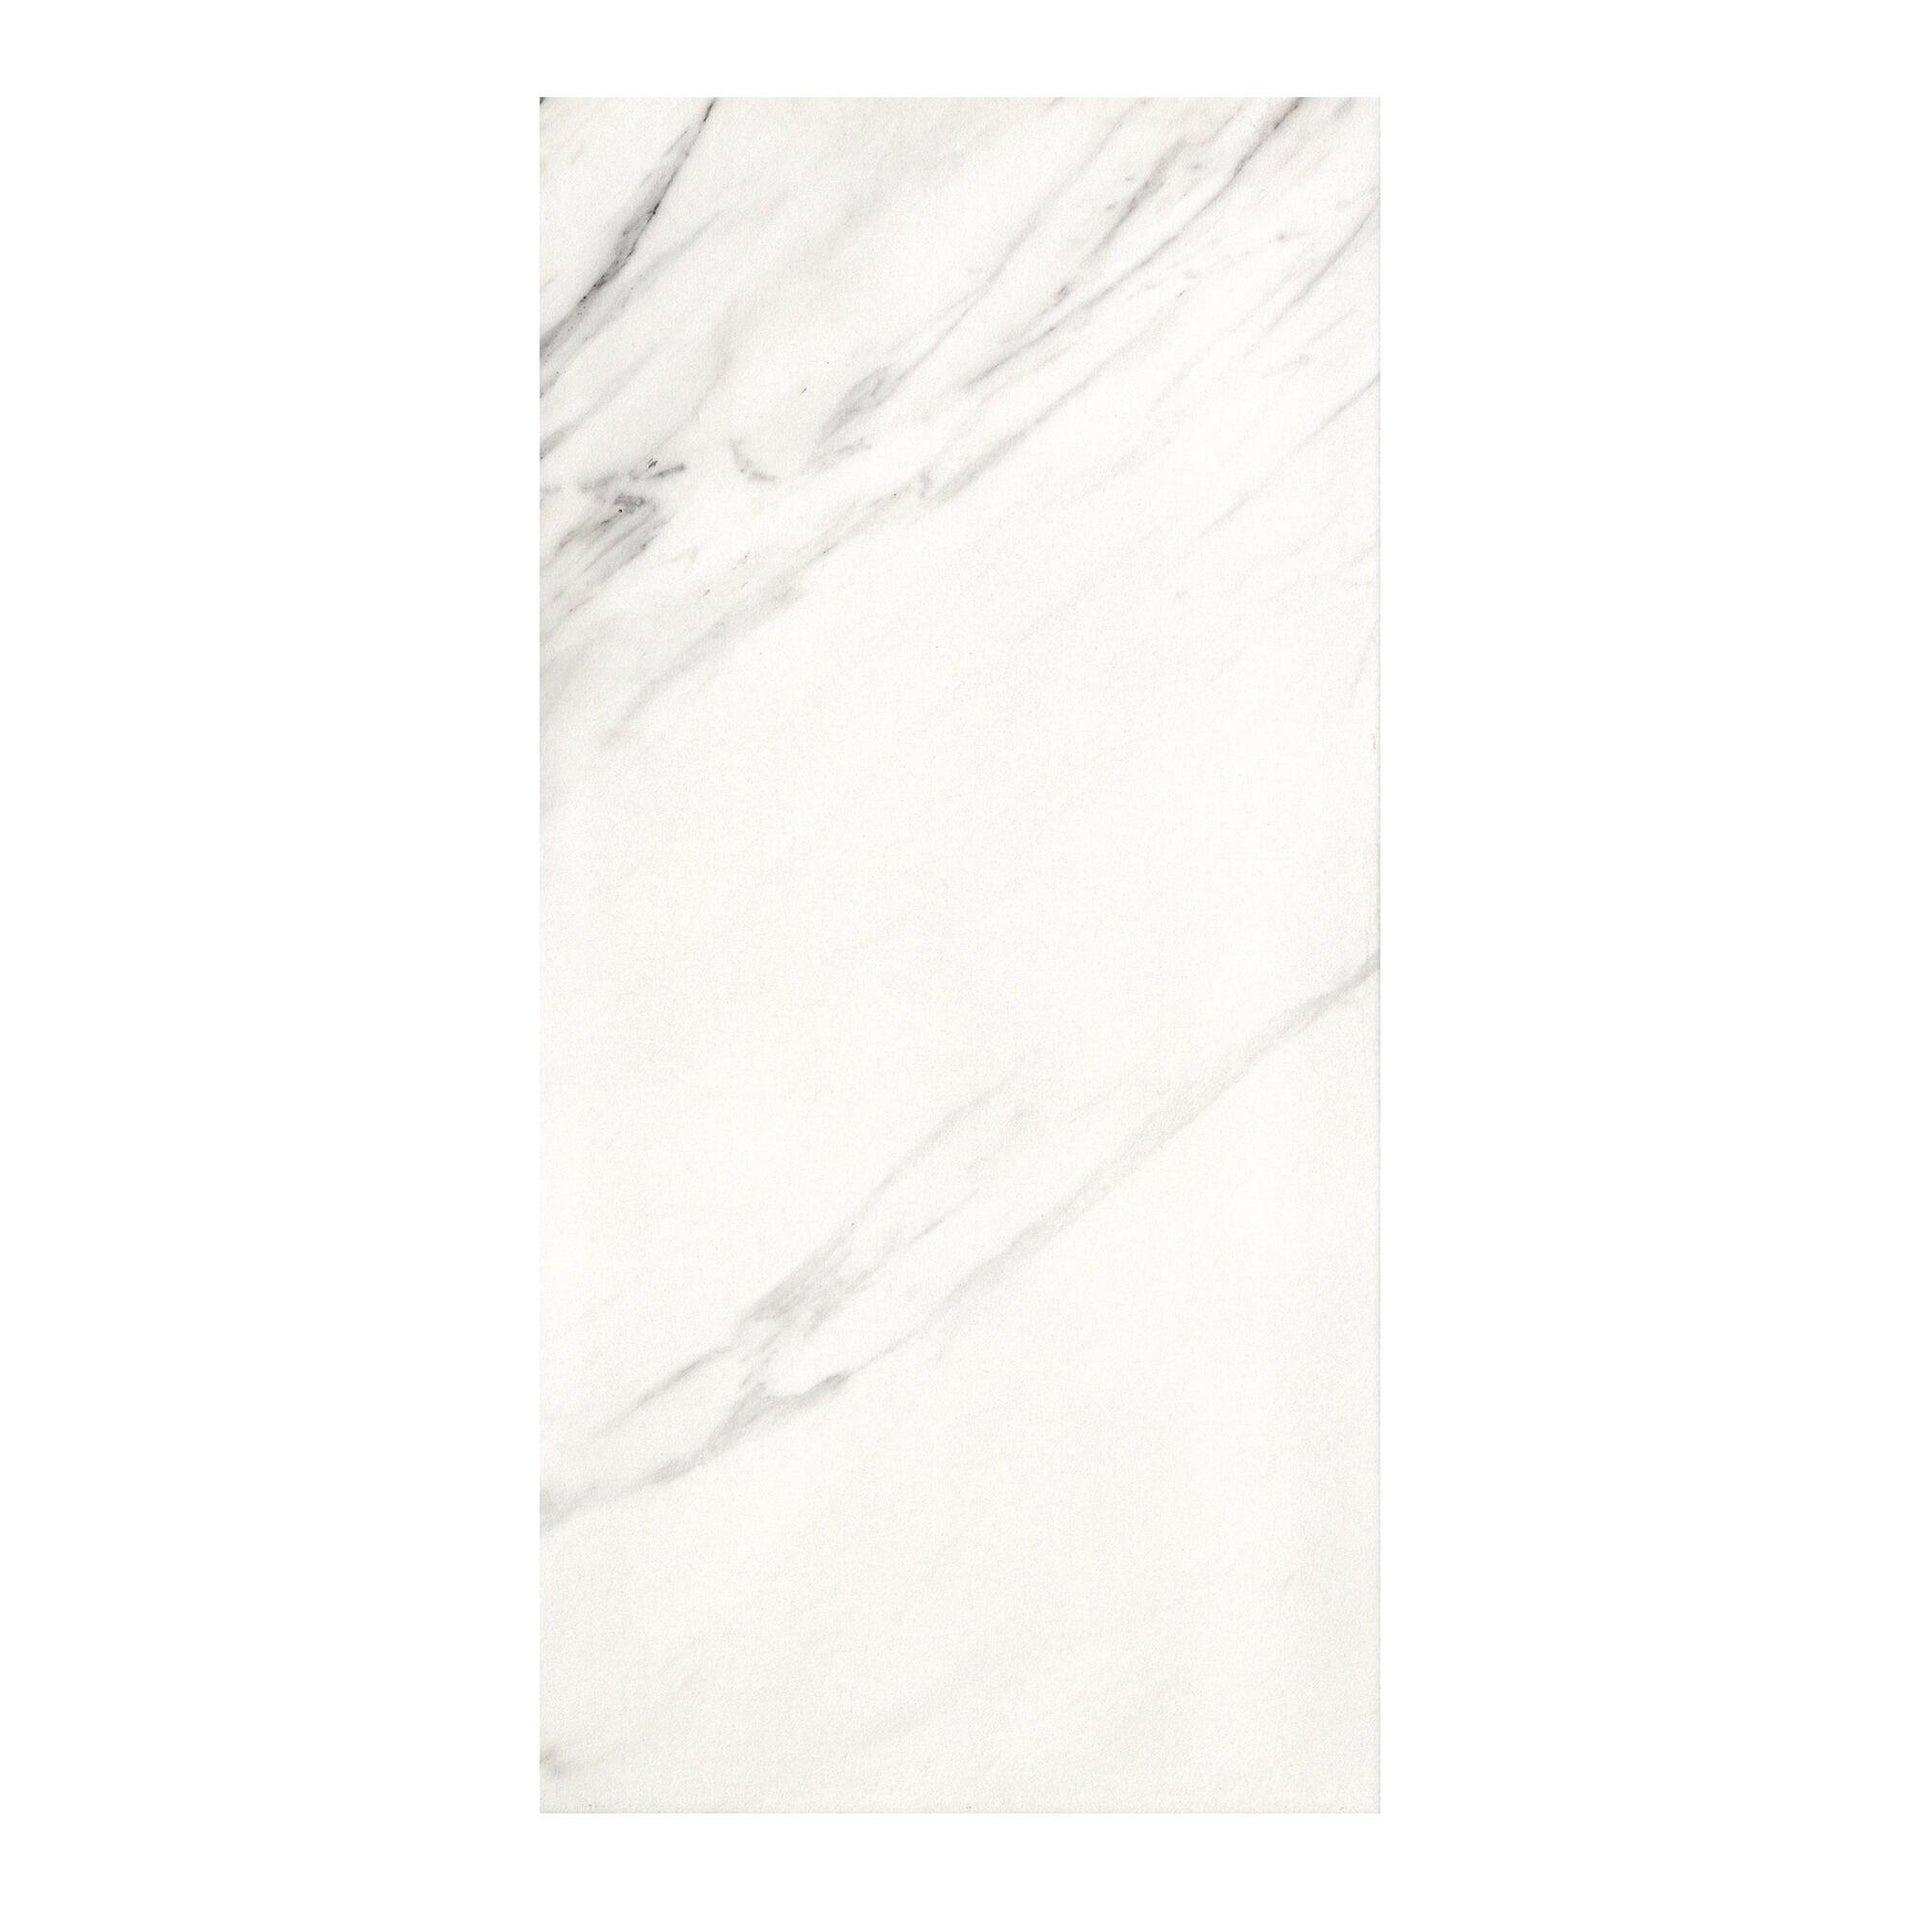 Piastrella Canalgrande 40 x 80 cm sp. 10 mm PEI 4/5 bianco - 11